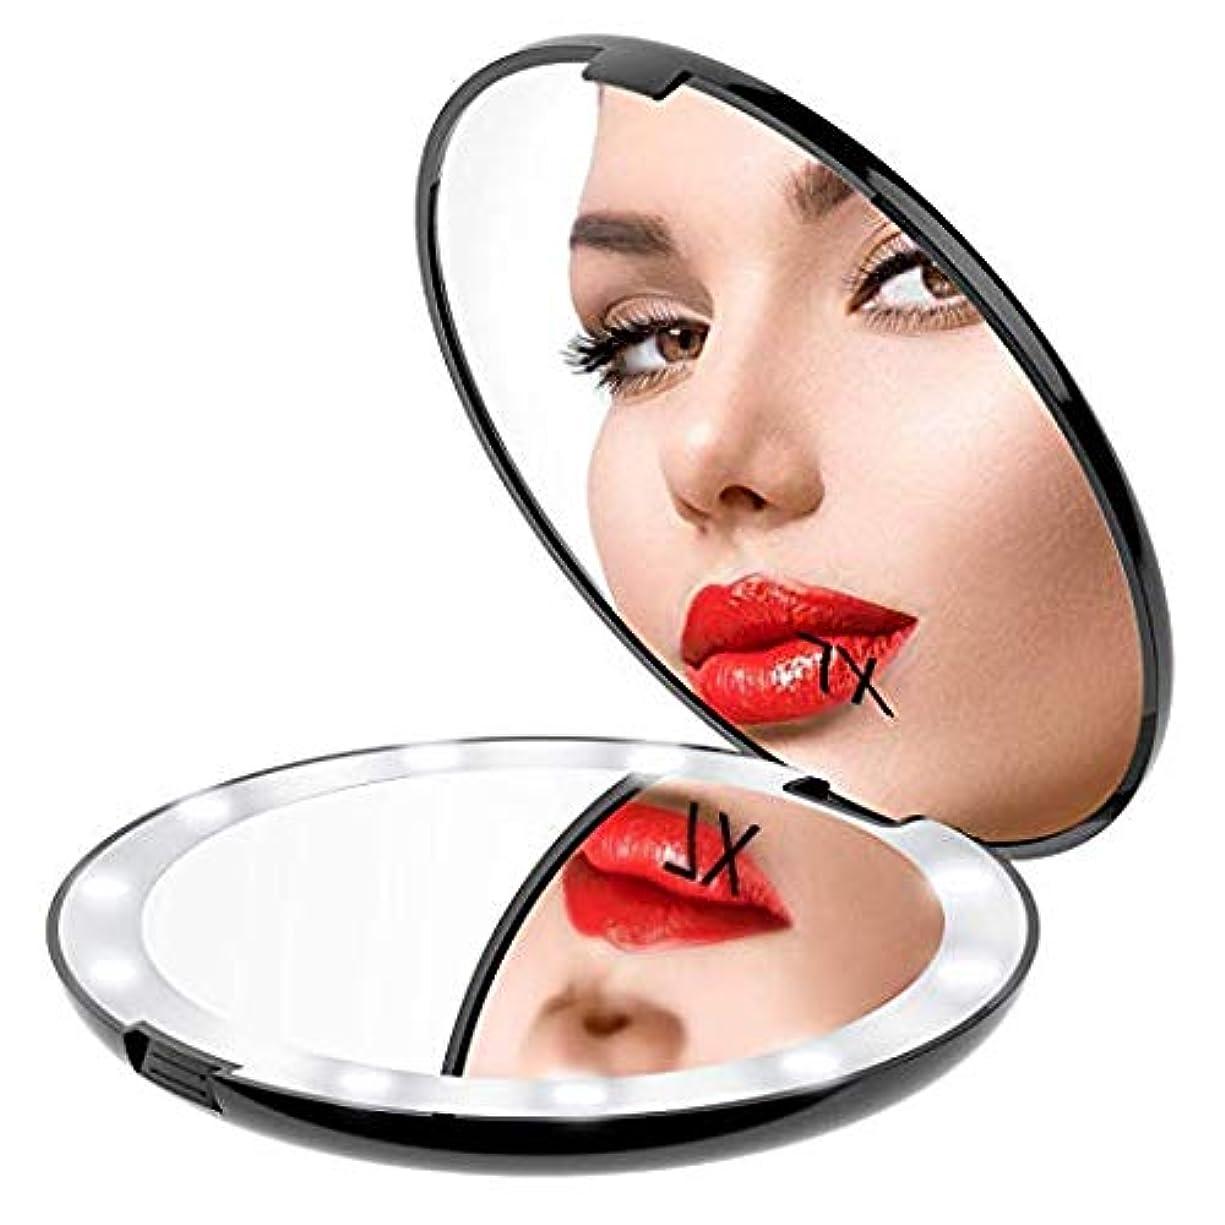 スライス床精通したGospire 化粧鏡 7倍拡大鏡 携帯ミラー 化粧ミラー LEDライト 手鏡 折りたたみ式 コンパクト 角度調整可 (ブラック)